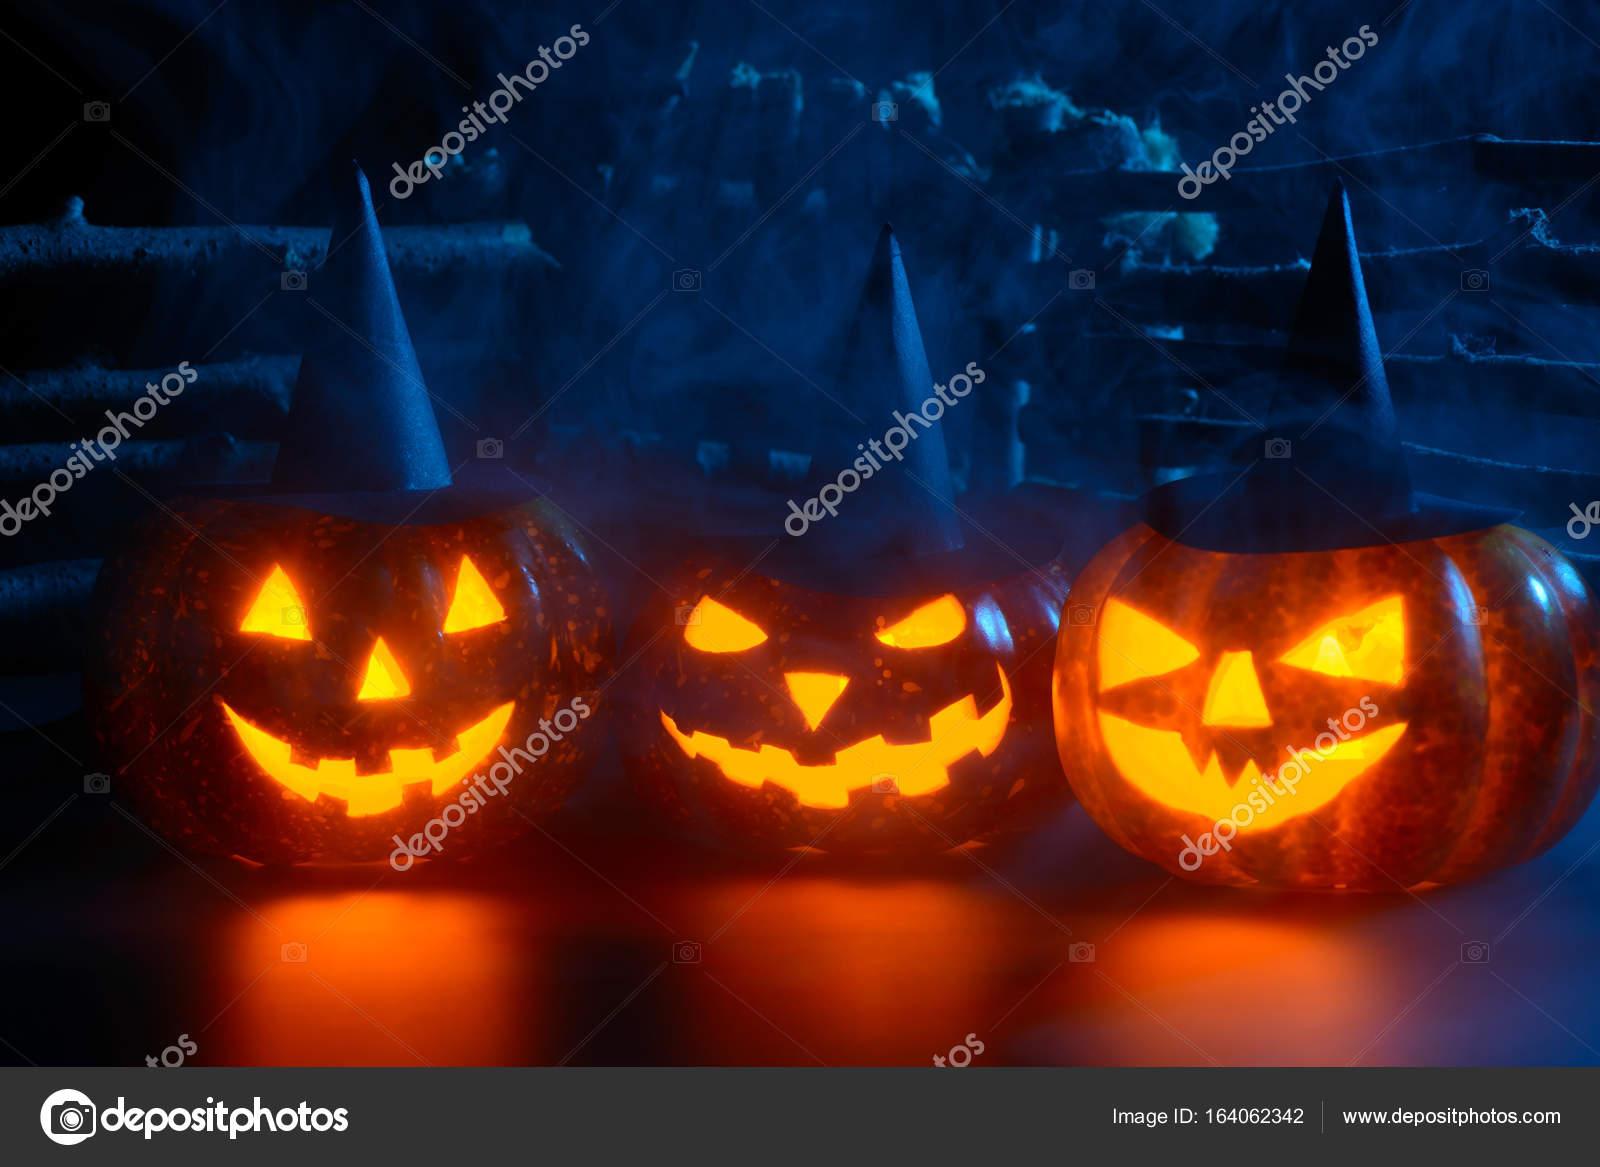 Calabazas Terrorificas Para Halloween Terrorificas Calabazas En - Imagenes-terrorificas-de-halloween